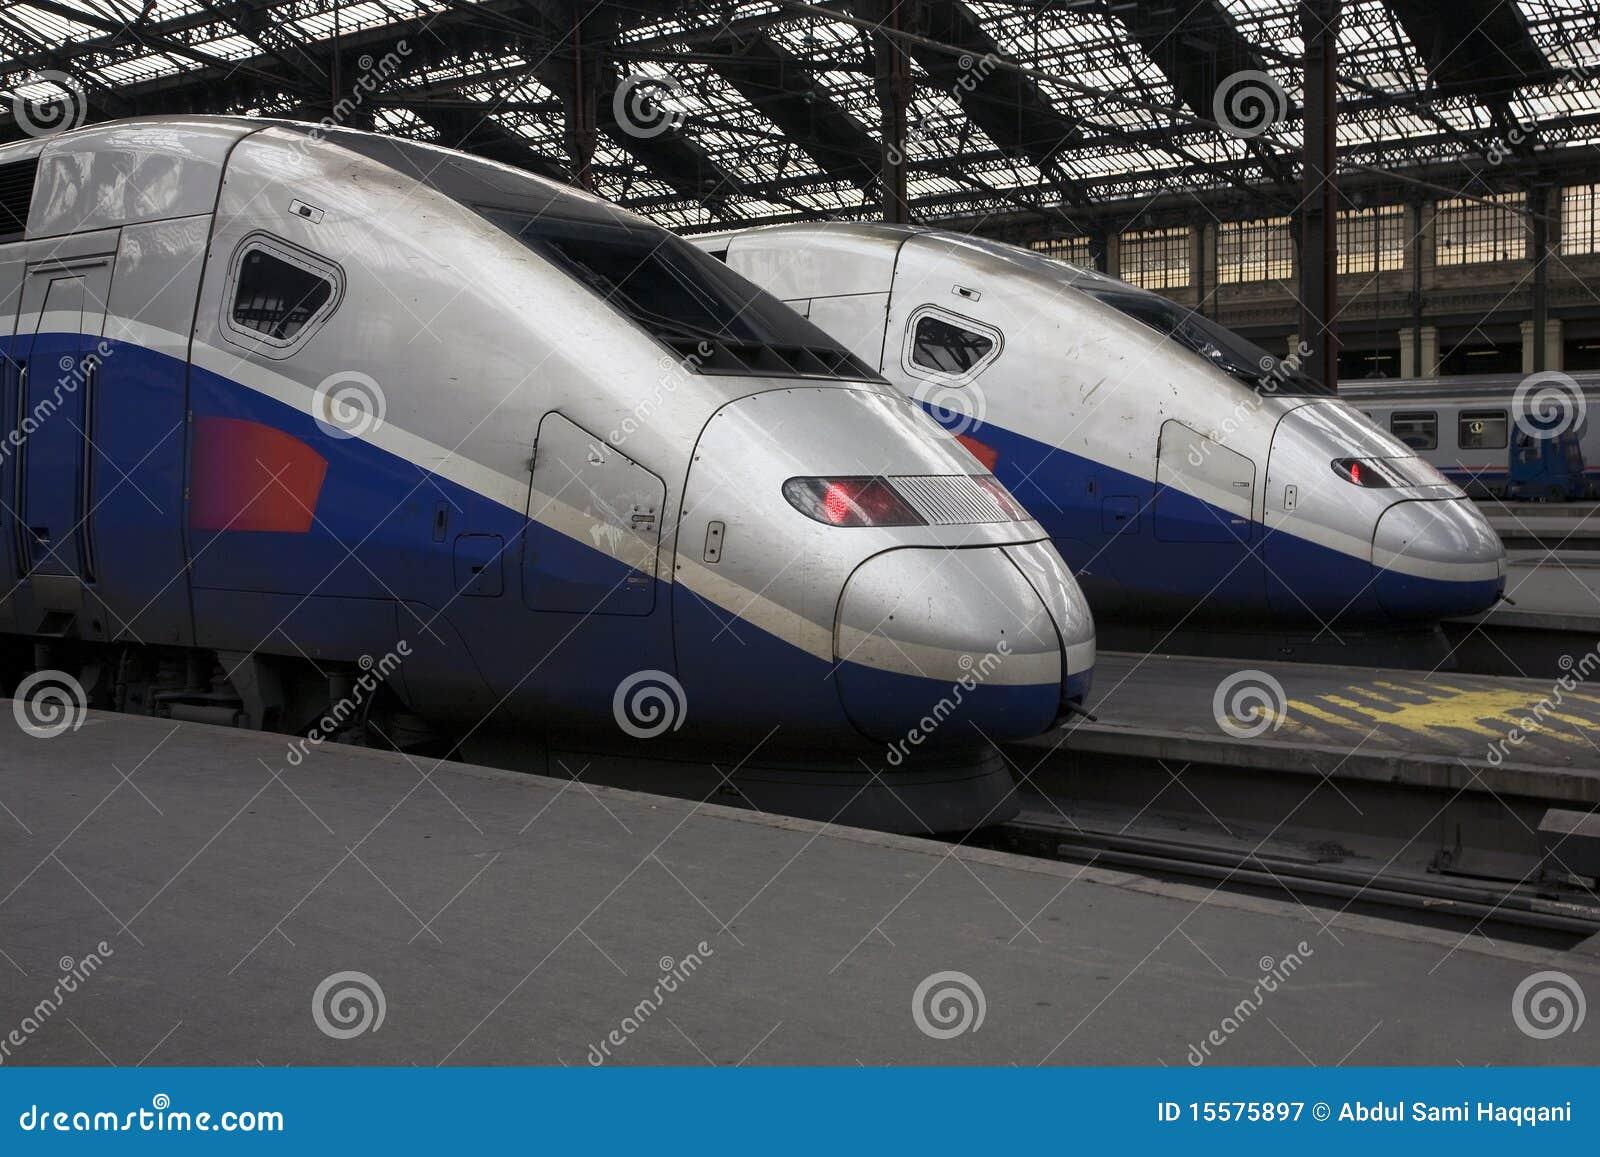 TGV Trains at Paris Gare de Lyon